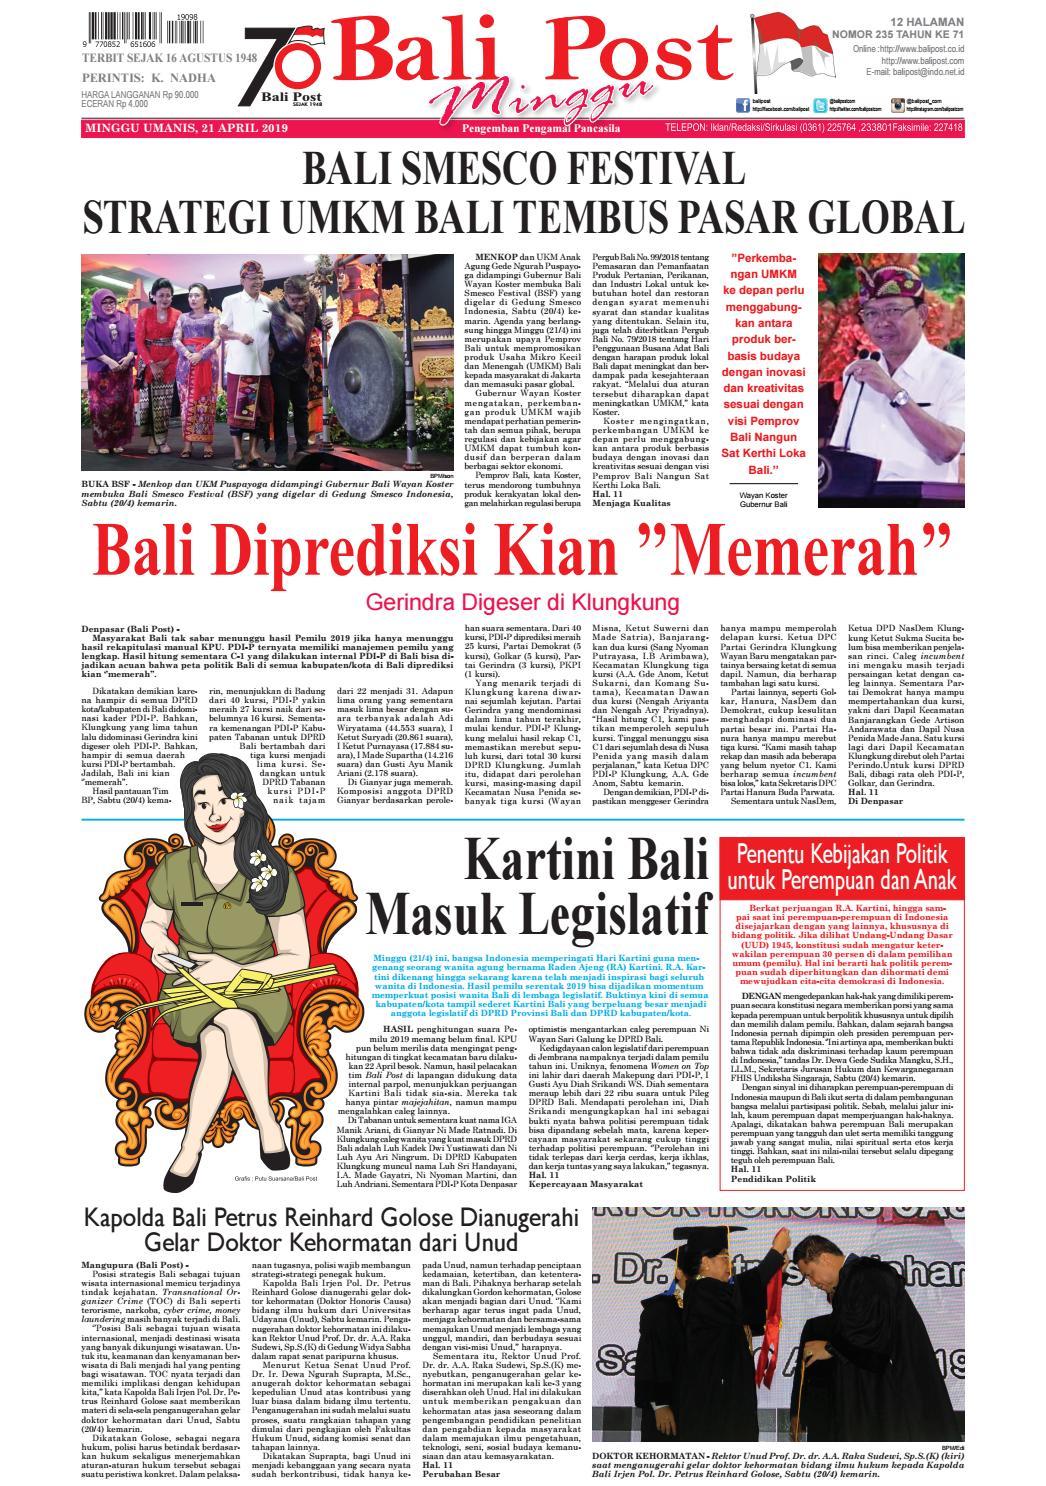 Berita Bahasa Bali Tentang Bencana Alam Singkat - Gue Viral